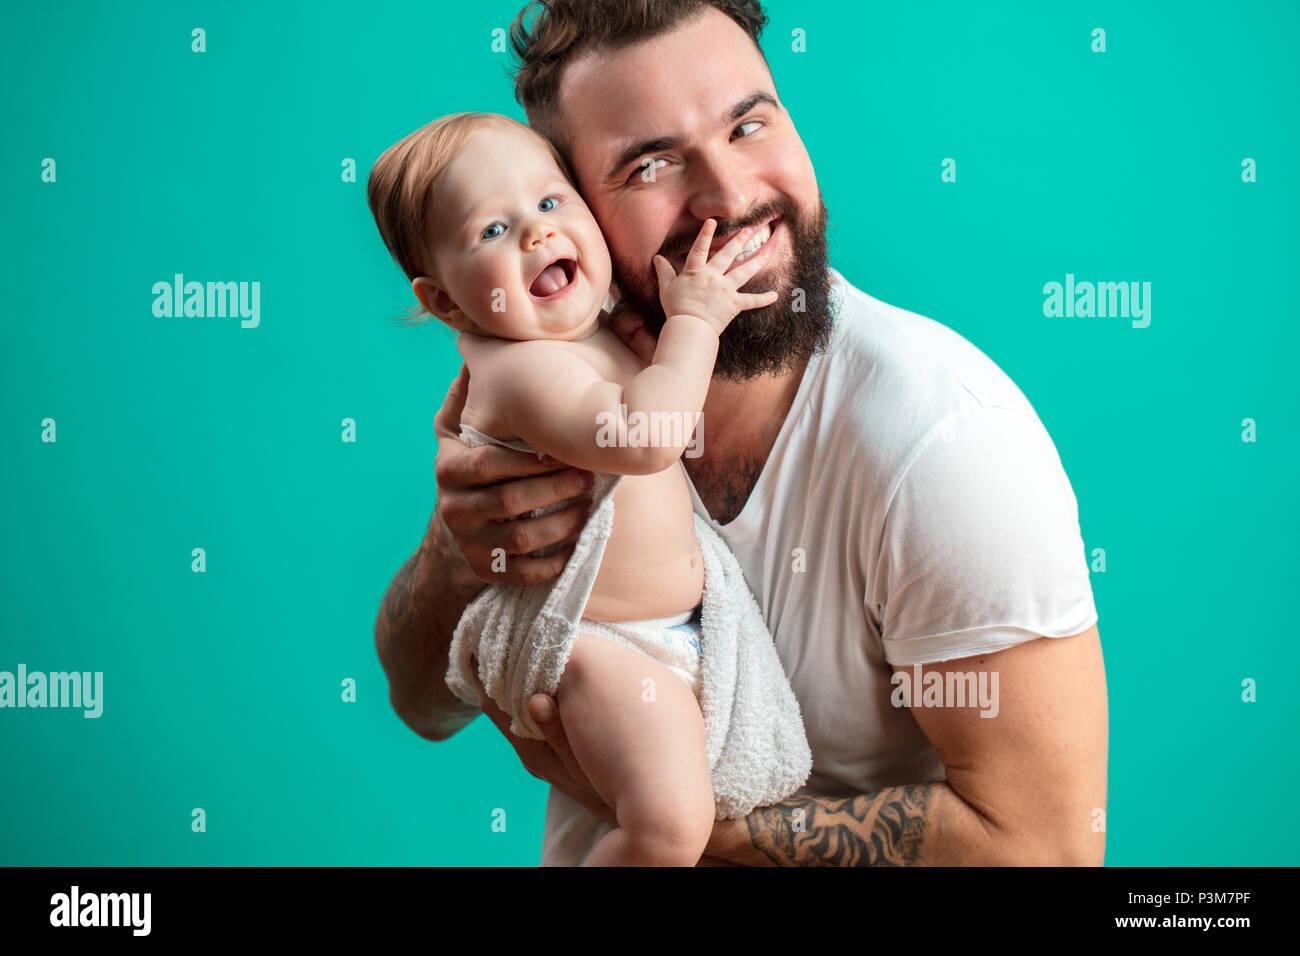 Verspielt Vater sein lächelndes Kind an Hals über blauer Hintergrund Stockbild